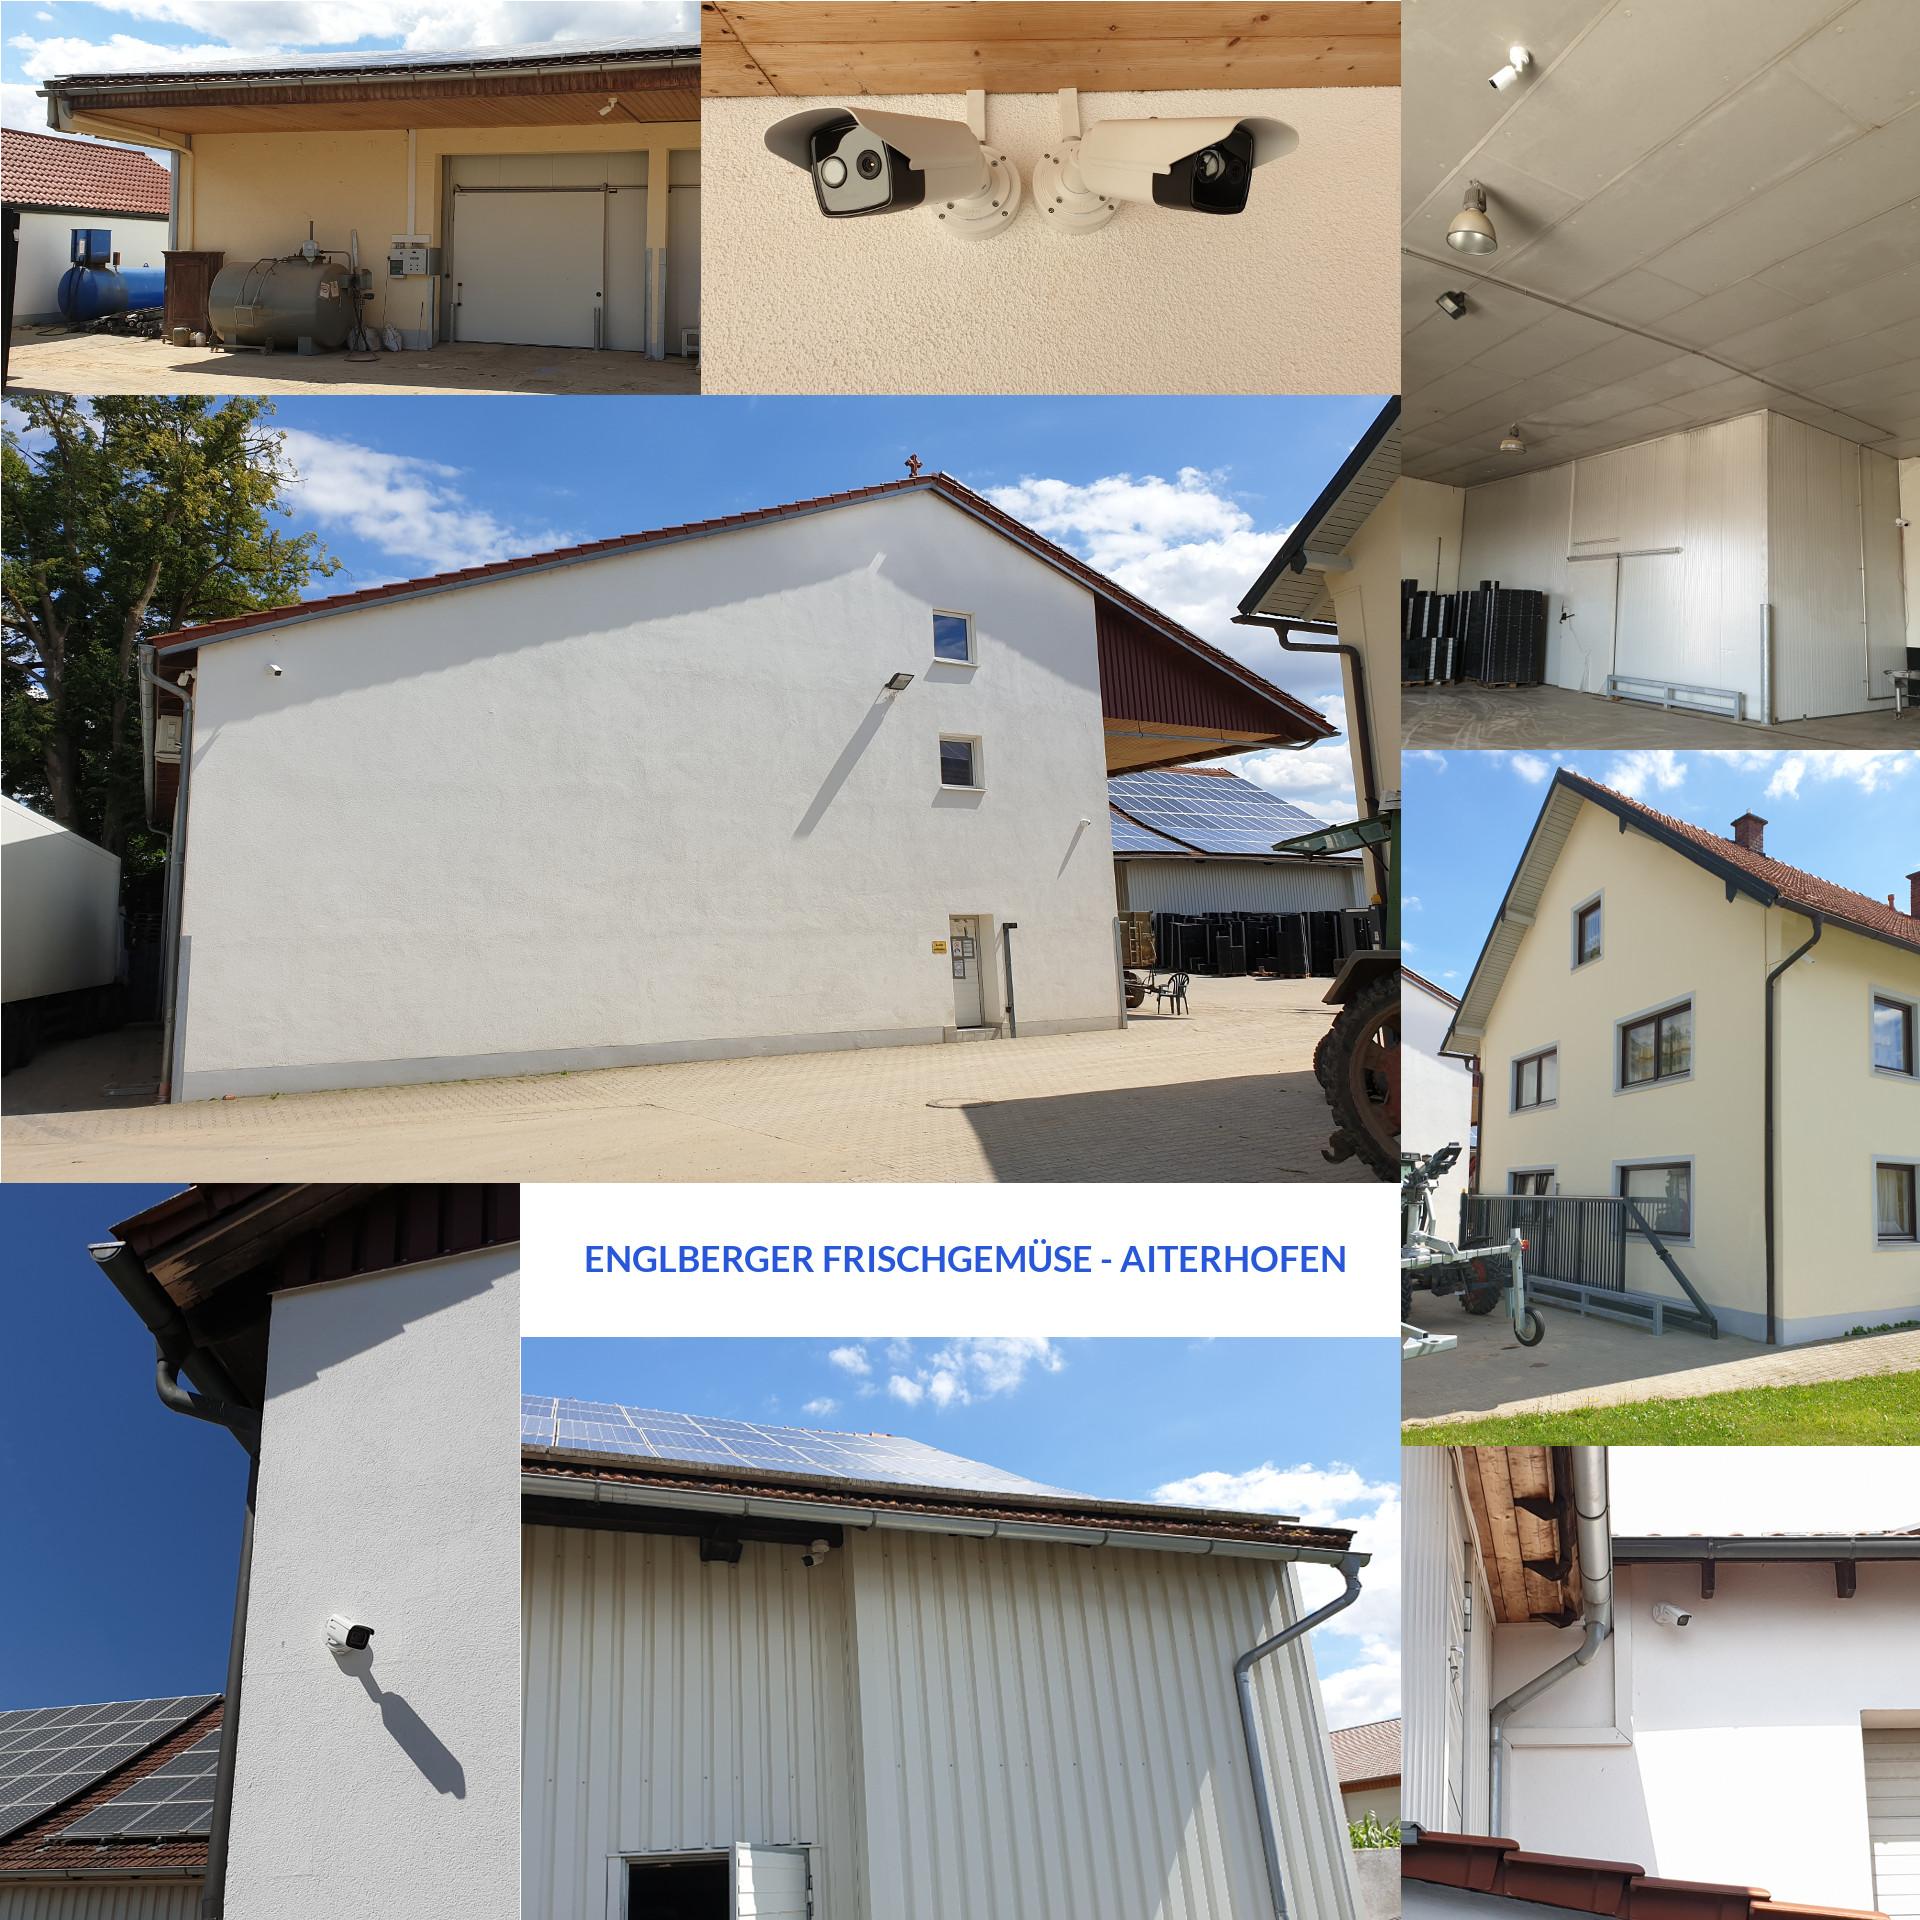 Überwachung eines landw. Großbetriebs mit 16 hochauflösenden IP-Kameras inkl. Wärmebildkameras, Kamera-App mit Intercom-Funktion